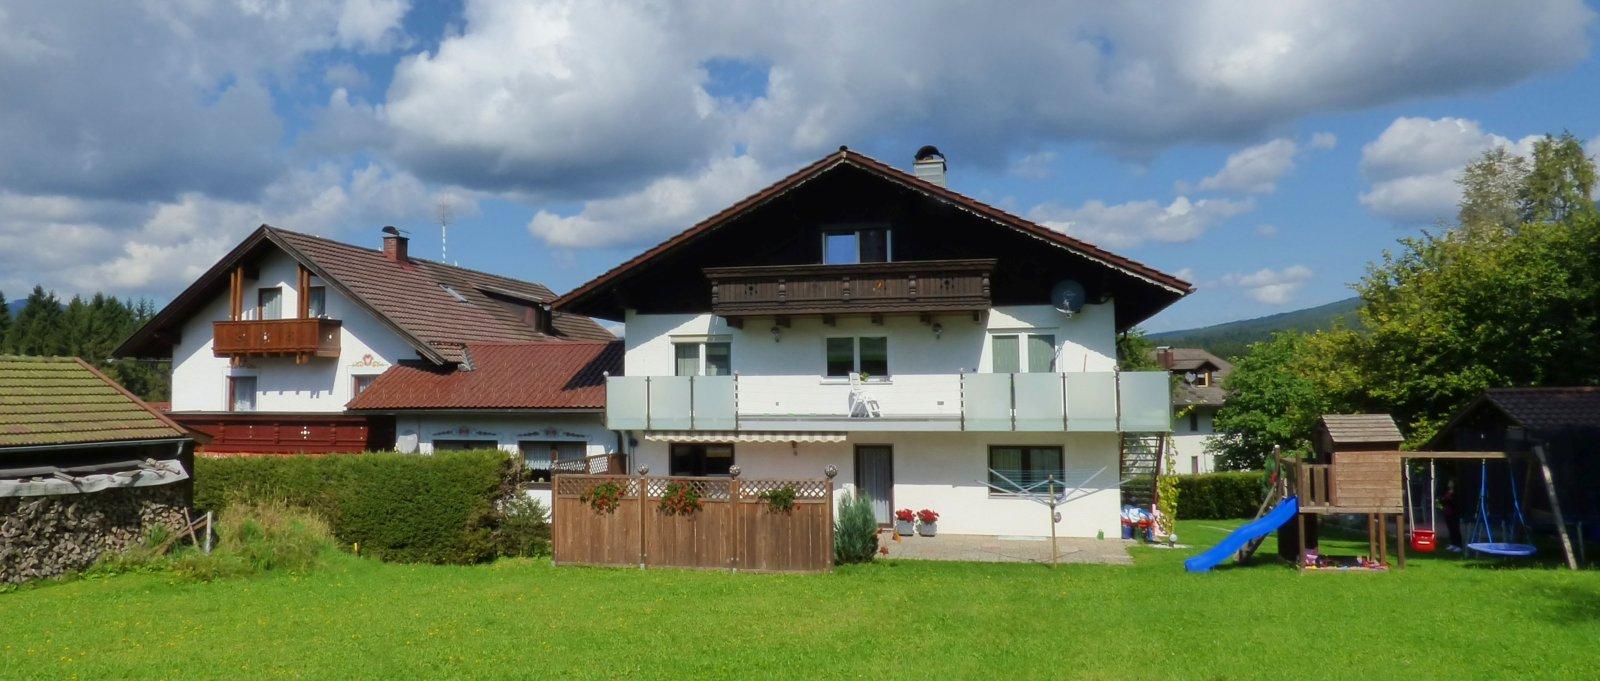 jutta-breitbild-jungwirt-gaestehaus-bayerischer-wald-pension-ansicht-von-wiese-1600